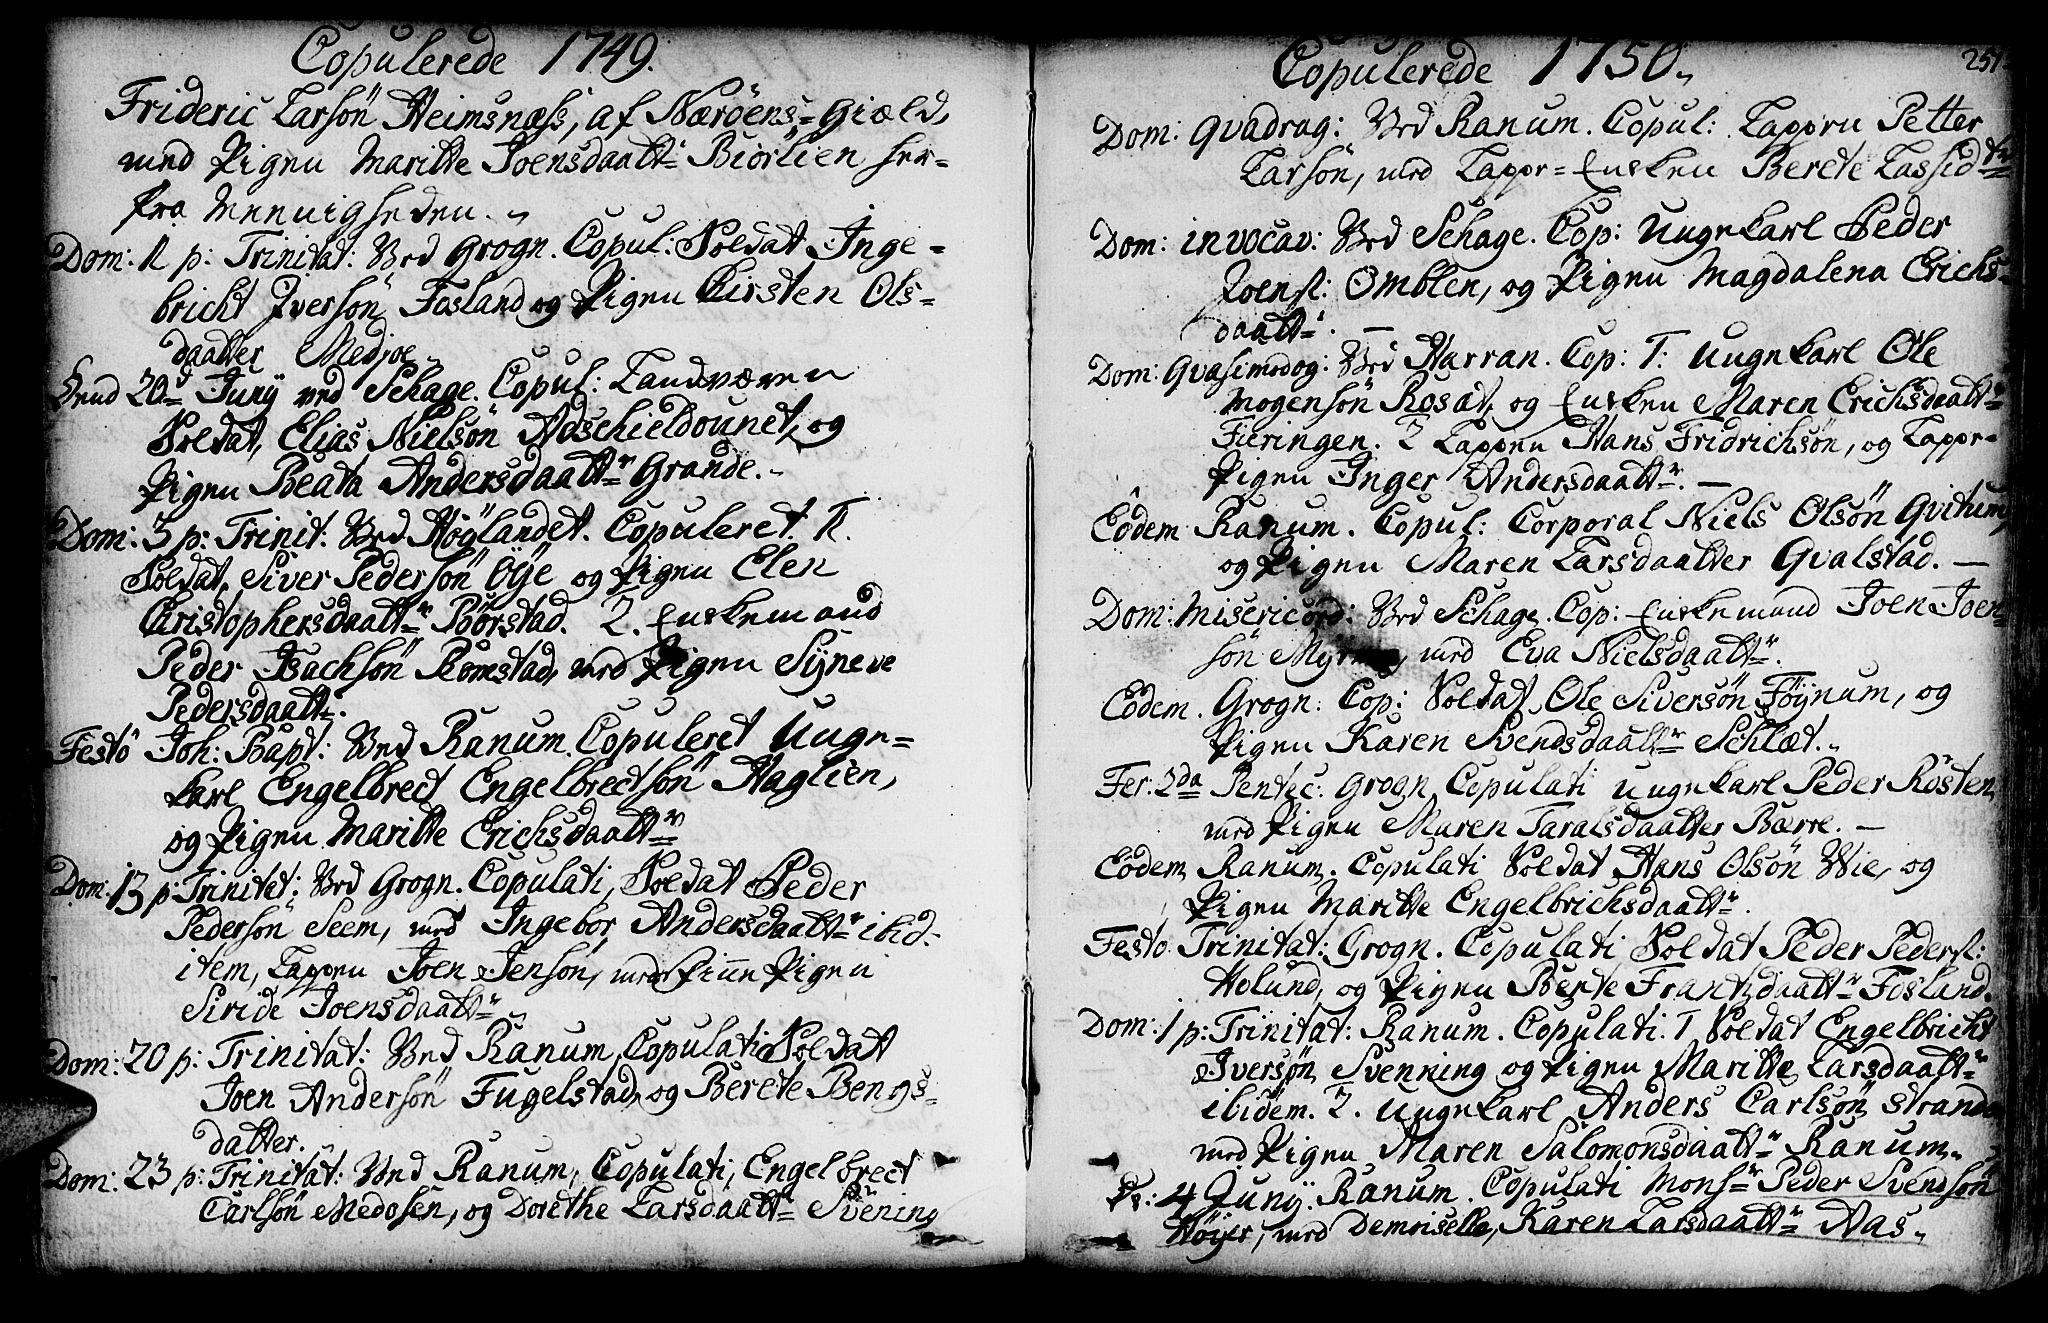 SAT, Ministerialprotokoller, klokkerbøker og fødselsregistre - Nord-Trøndelag, 764/L0542: Ministerialbok nr. 764A02, 1748-1779, s. 251